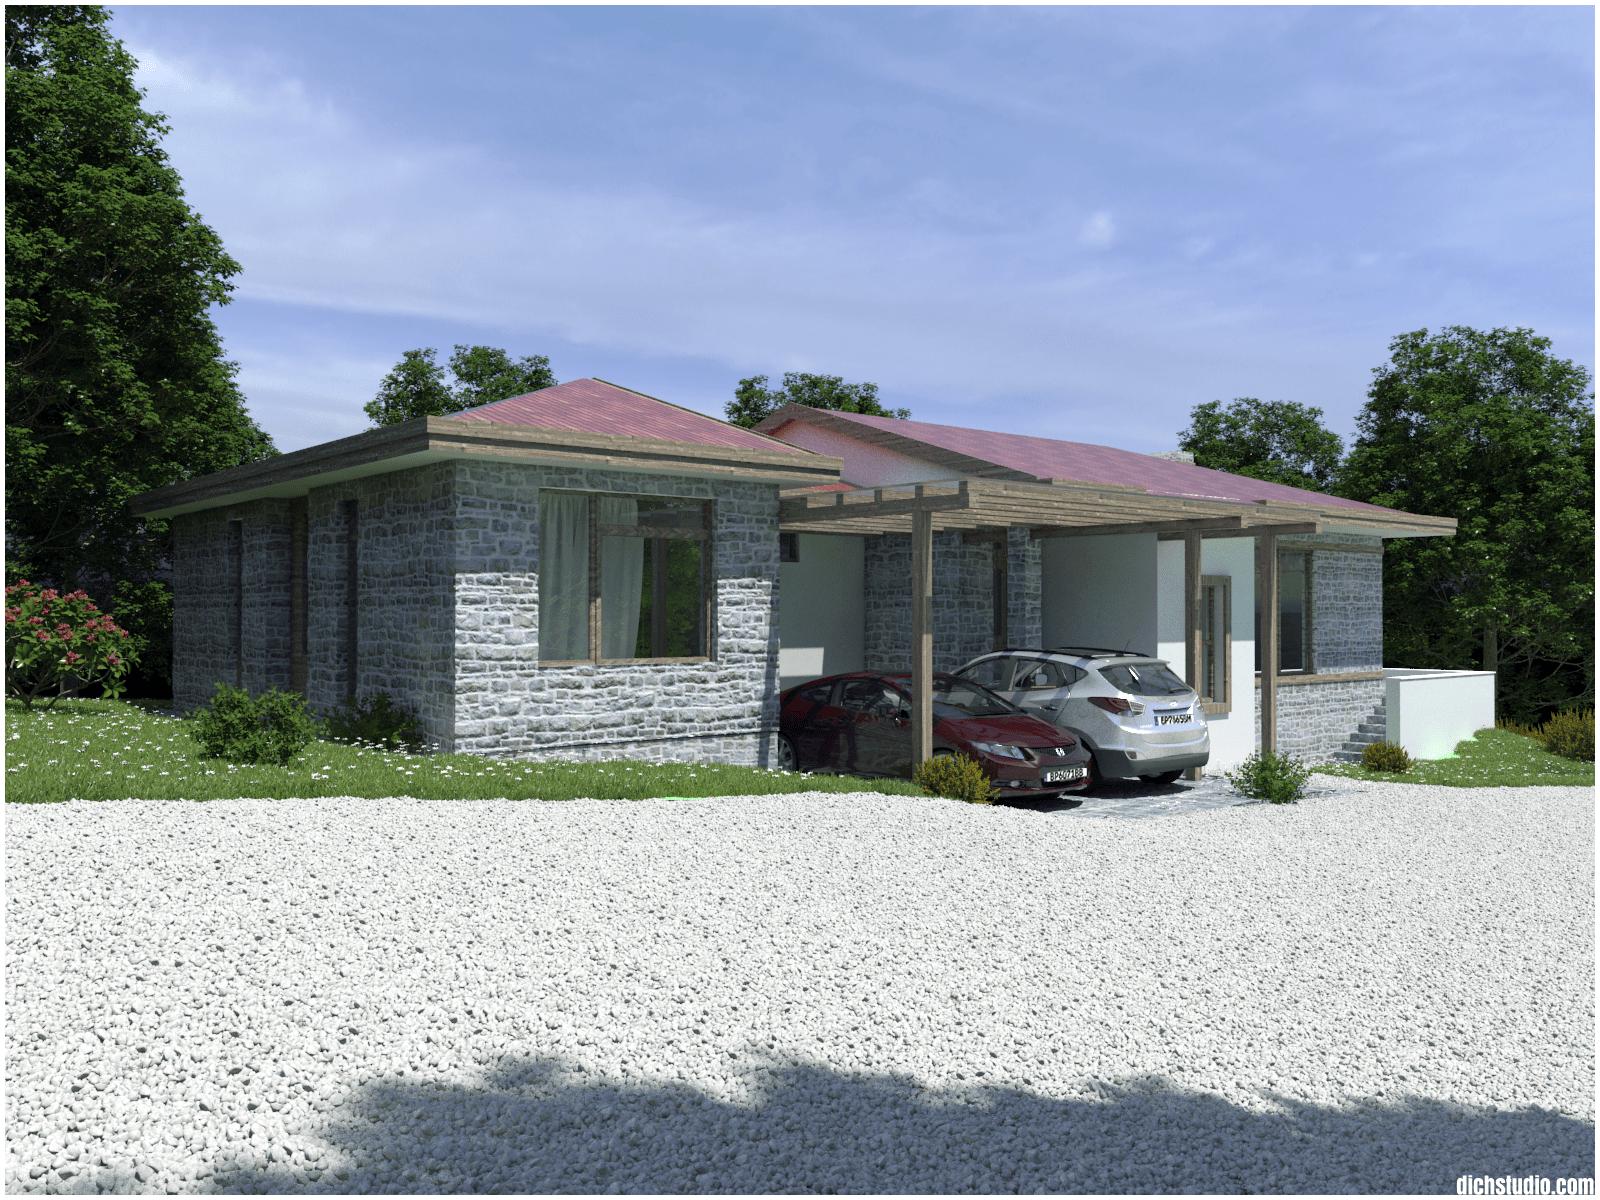 еднофамилна къща - визуализация 2.png